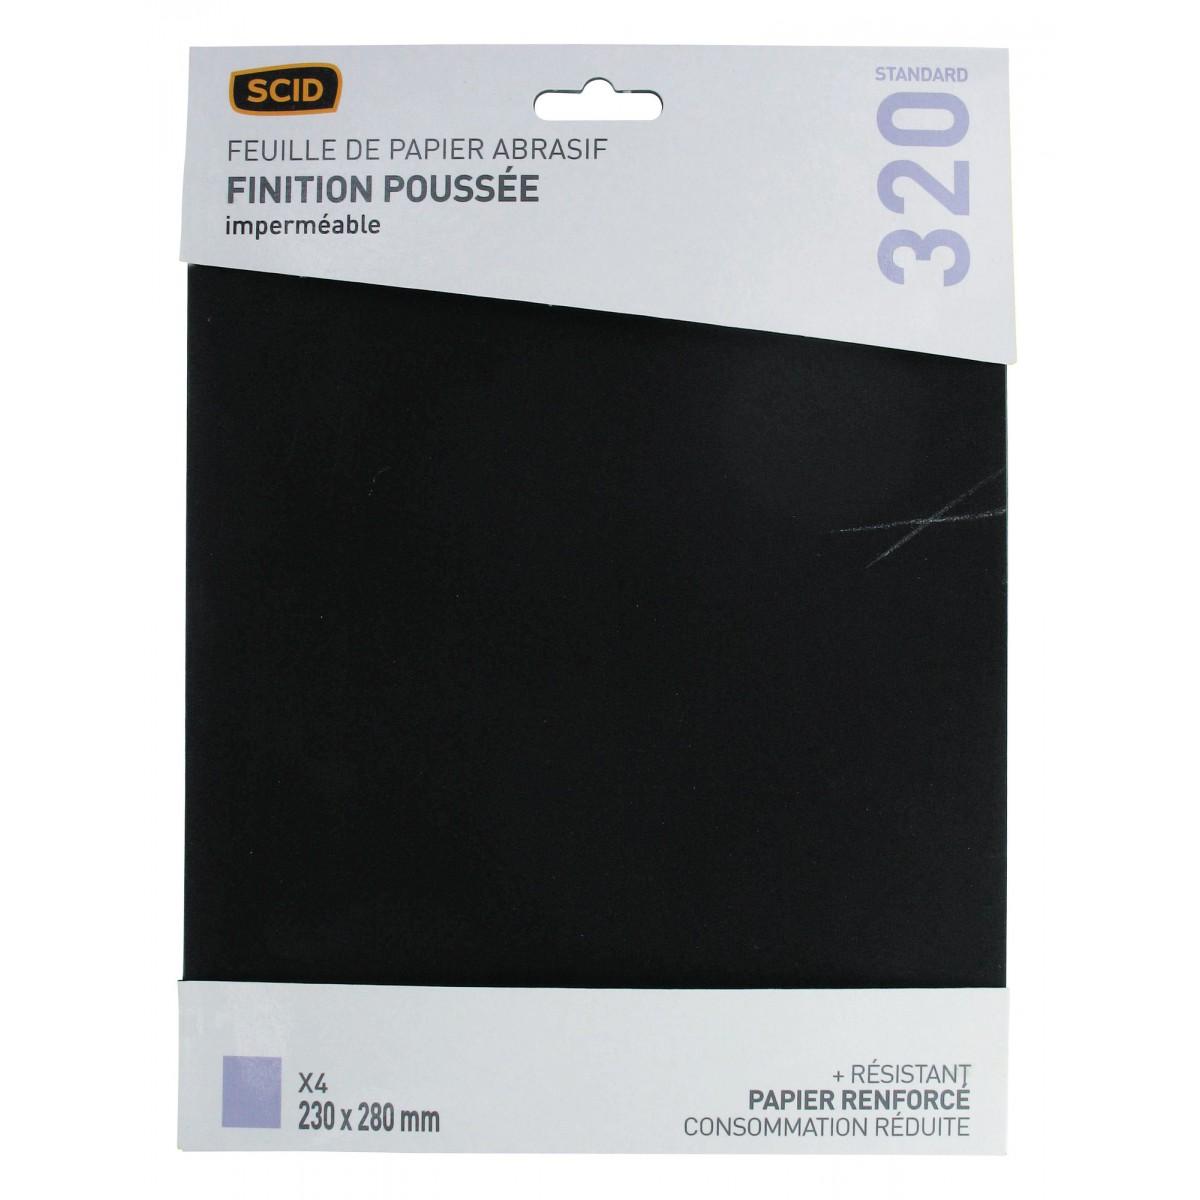 Papier imperméable 230 x 280 mm SCID - Grain 320 - Vendu par 4